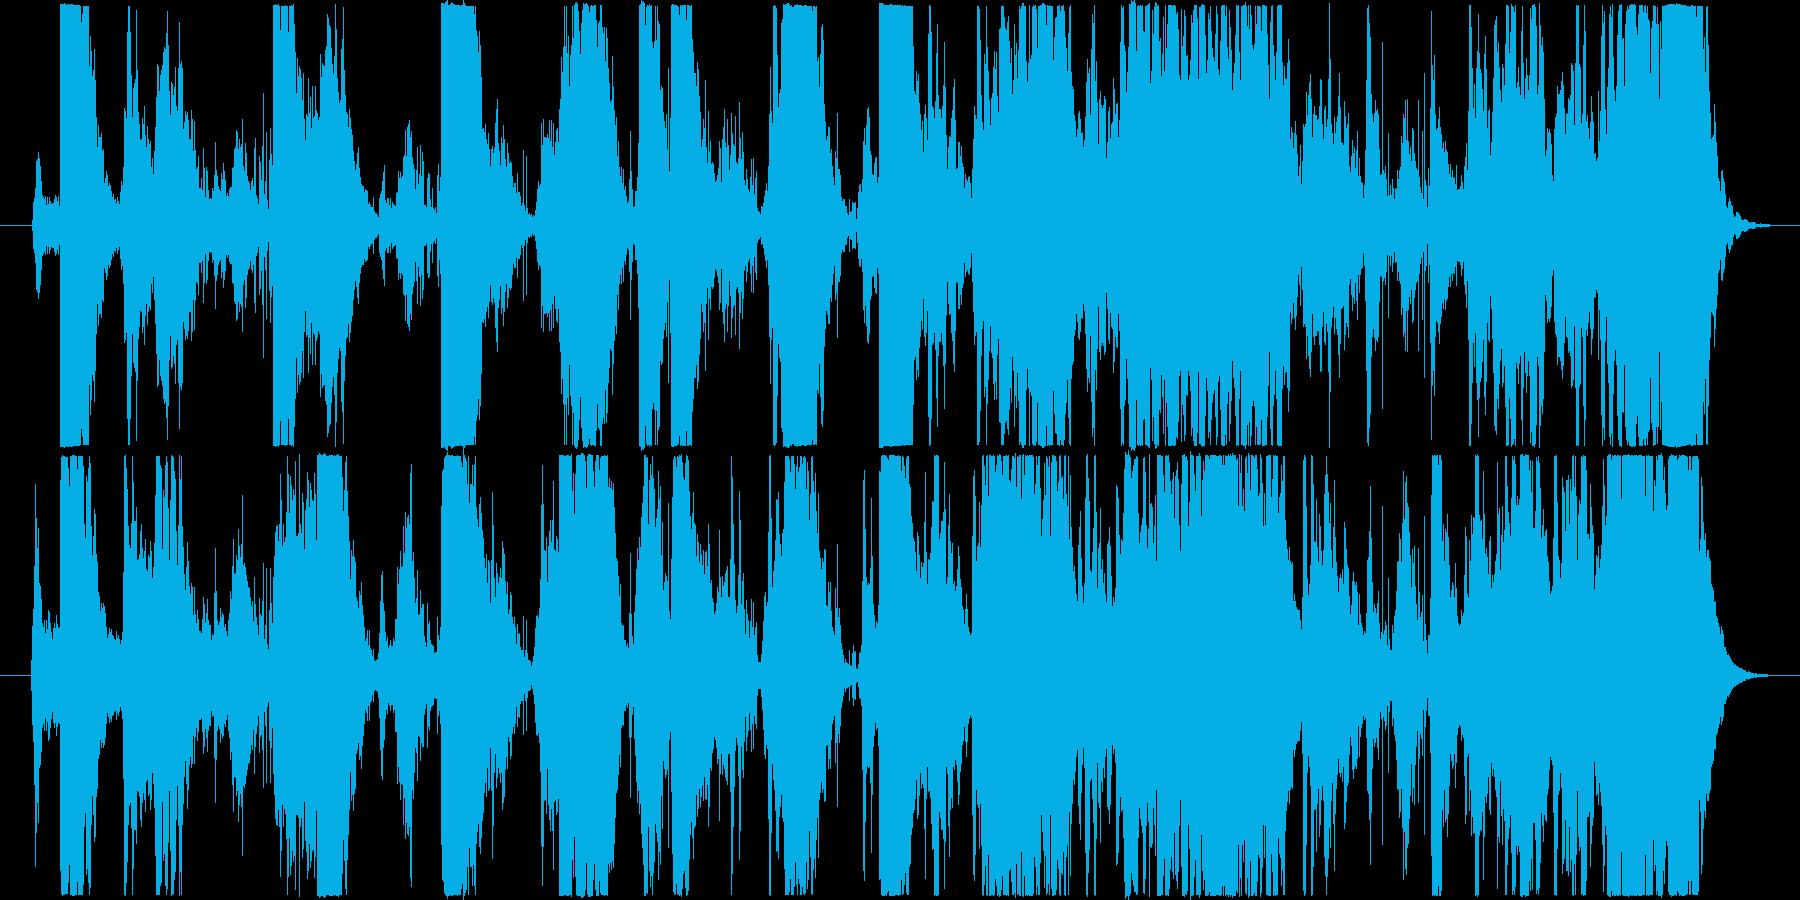 宇宙の中を遊泳してる様なBGMです。浮…の再生済みの波形